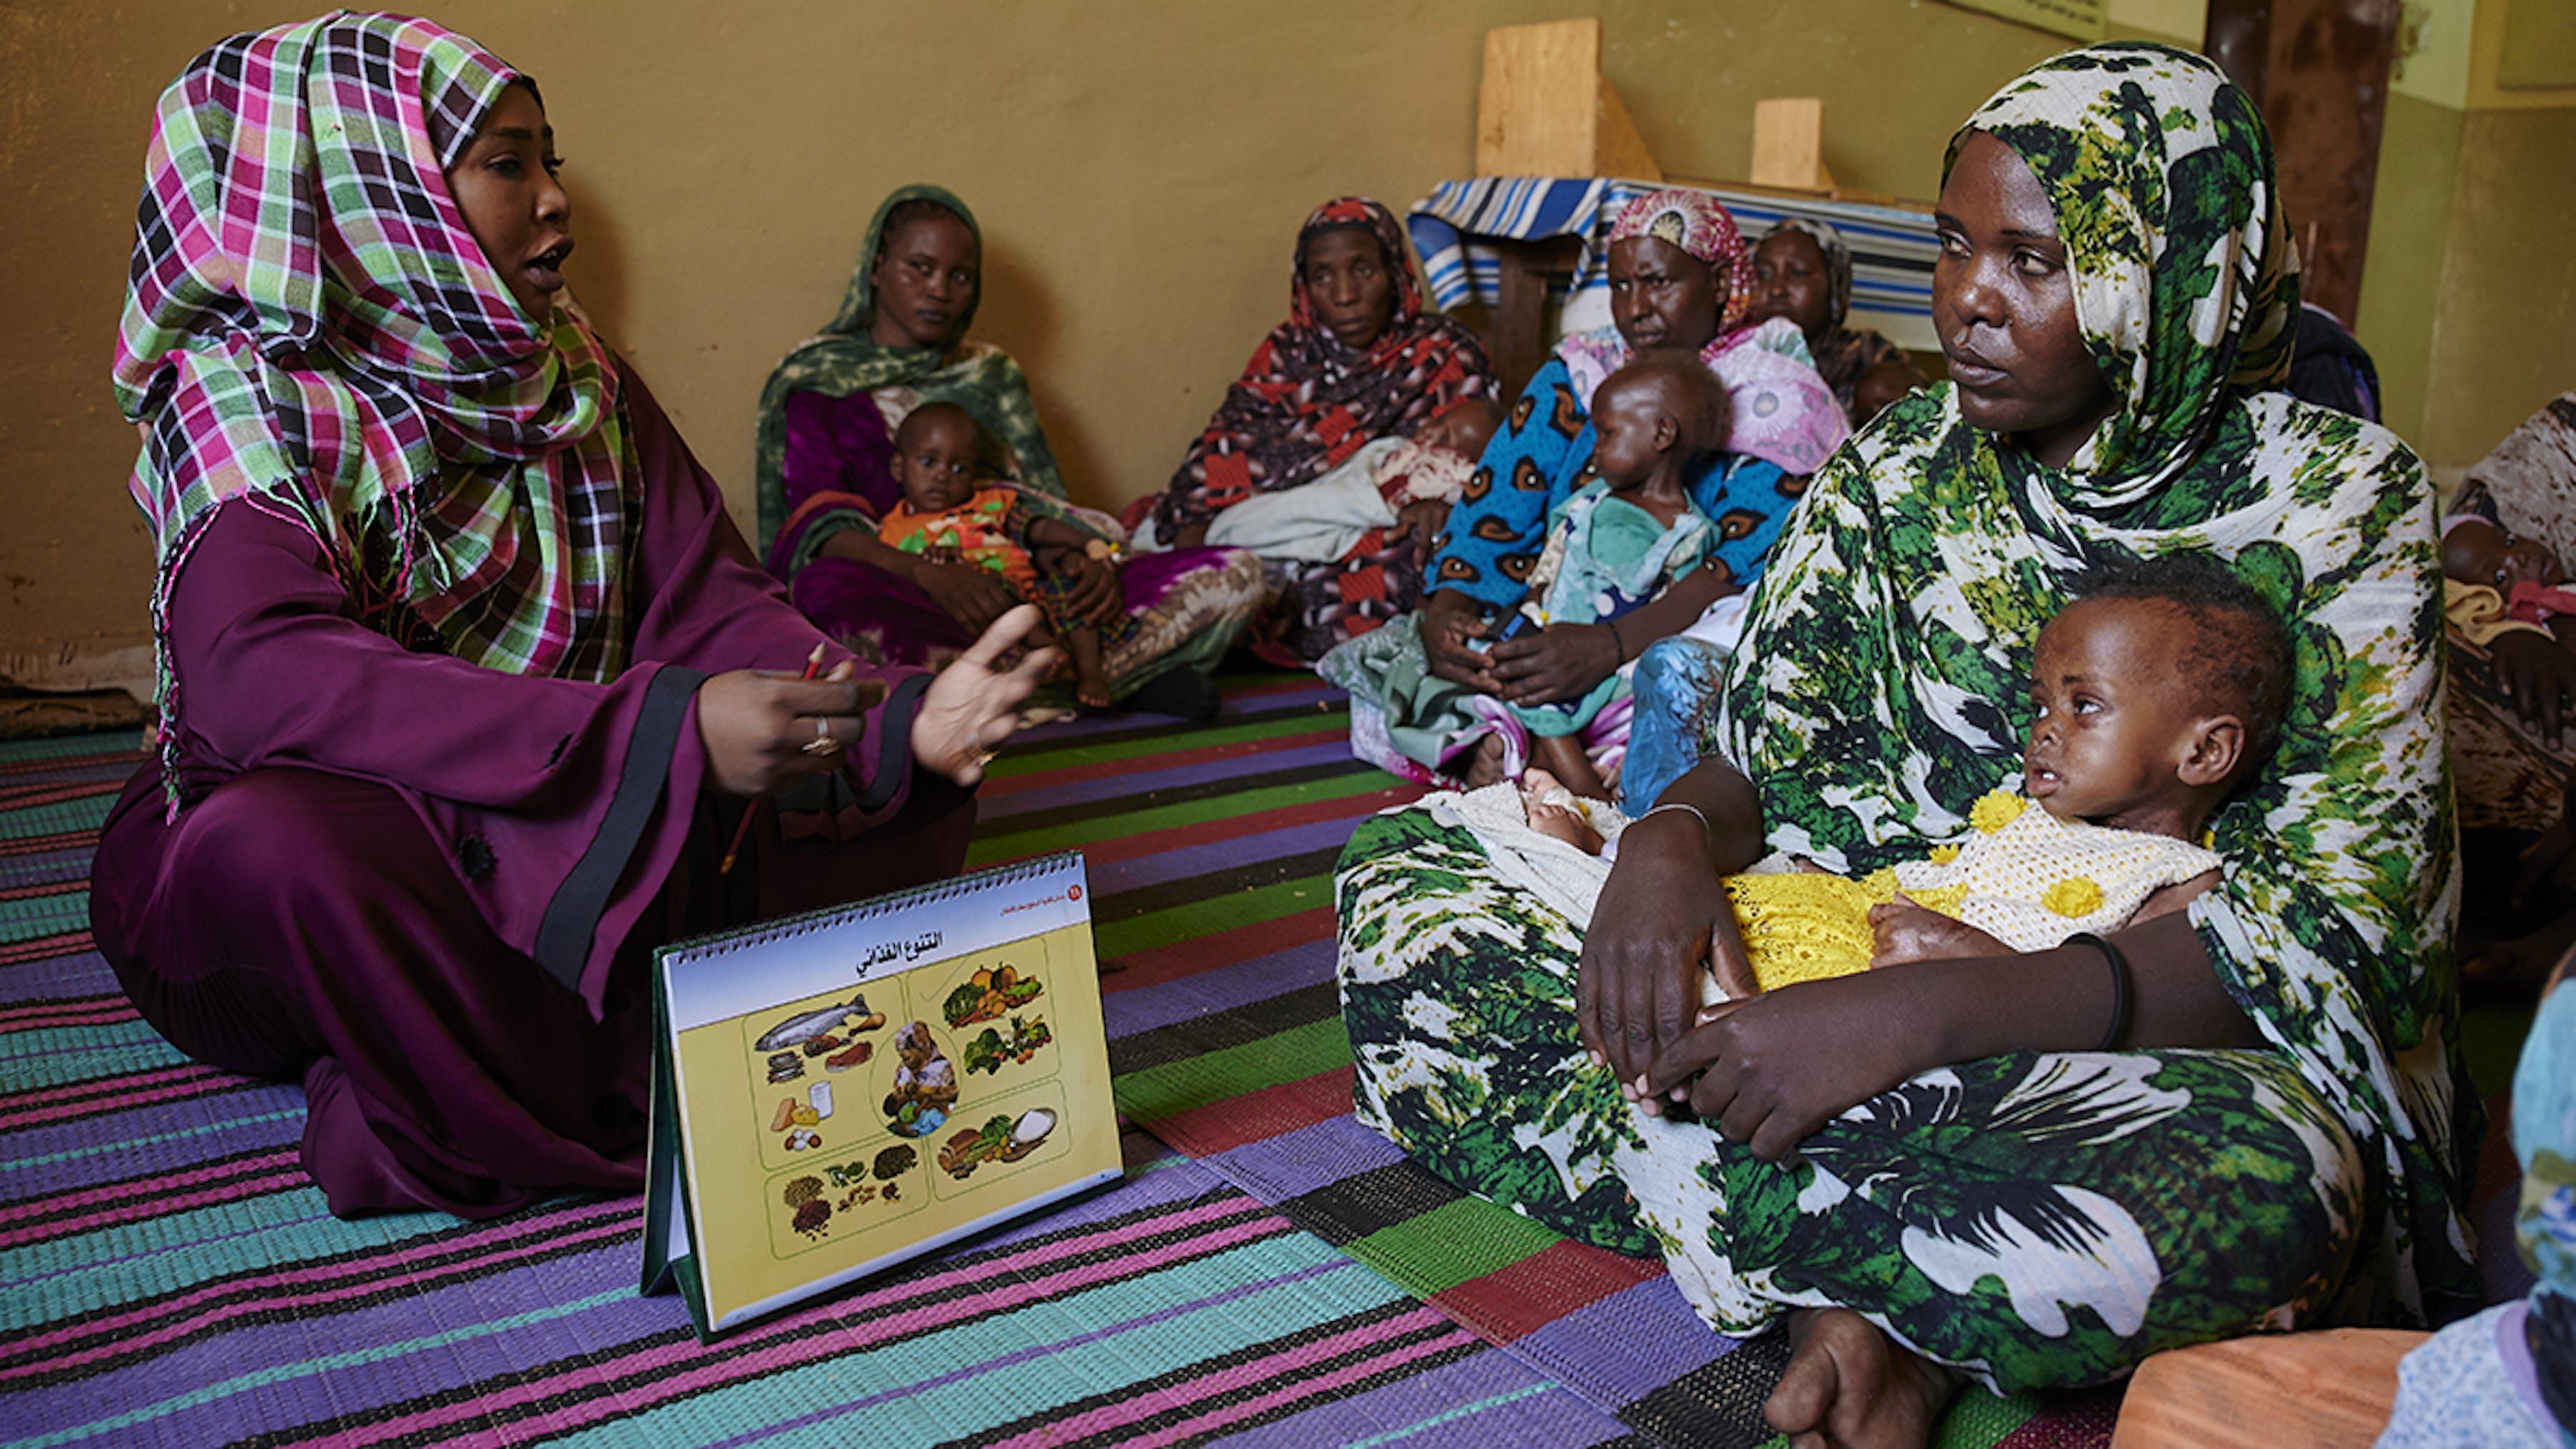 Sudan, una consulente nutrizionale comunica a un gruppo di donne l'importanza dell'allattamento al seno